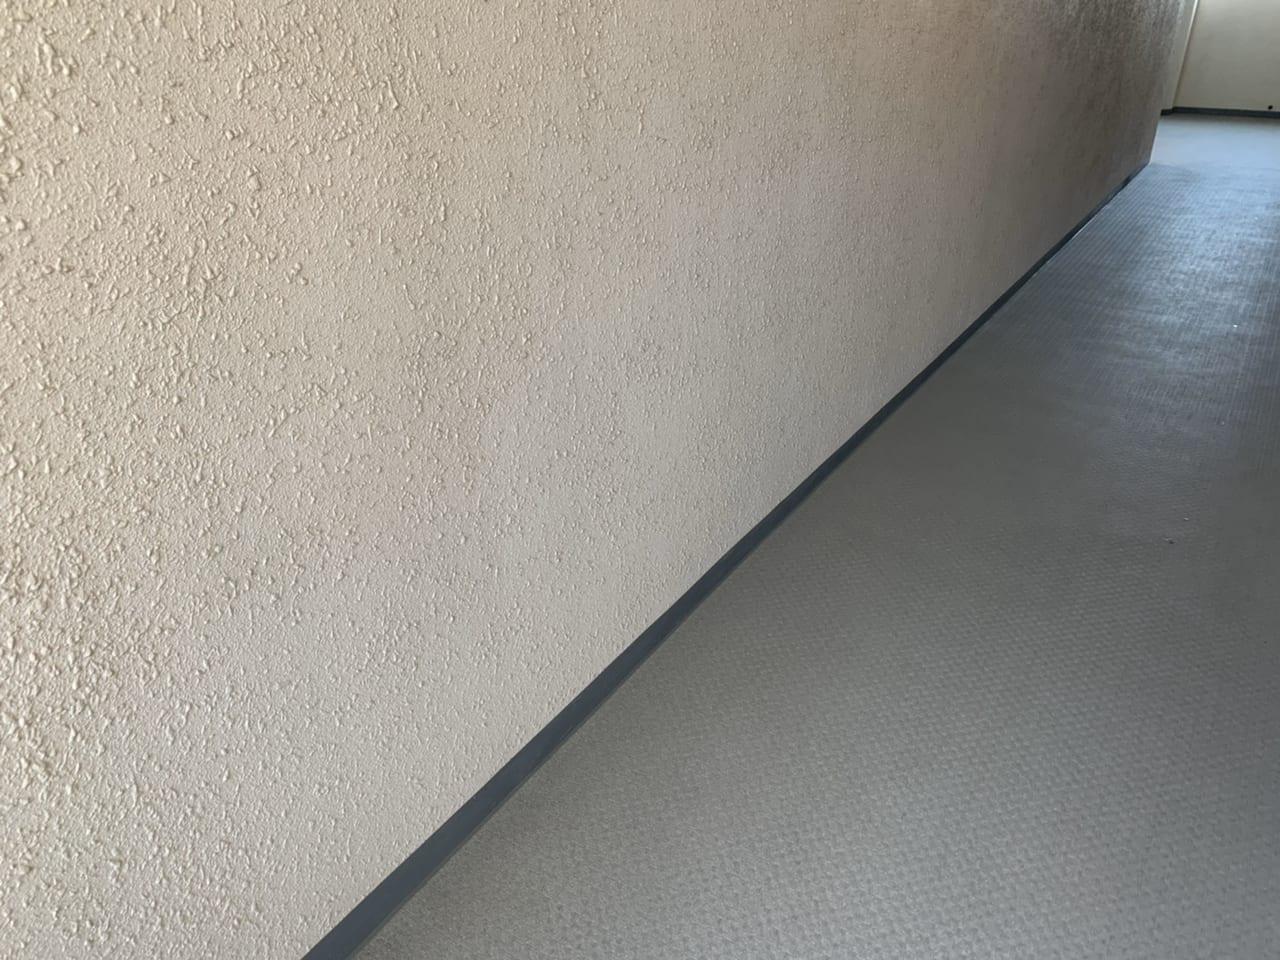 東京都台東区不用品回収後画像